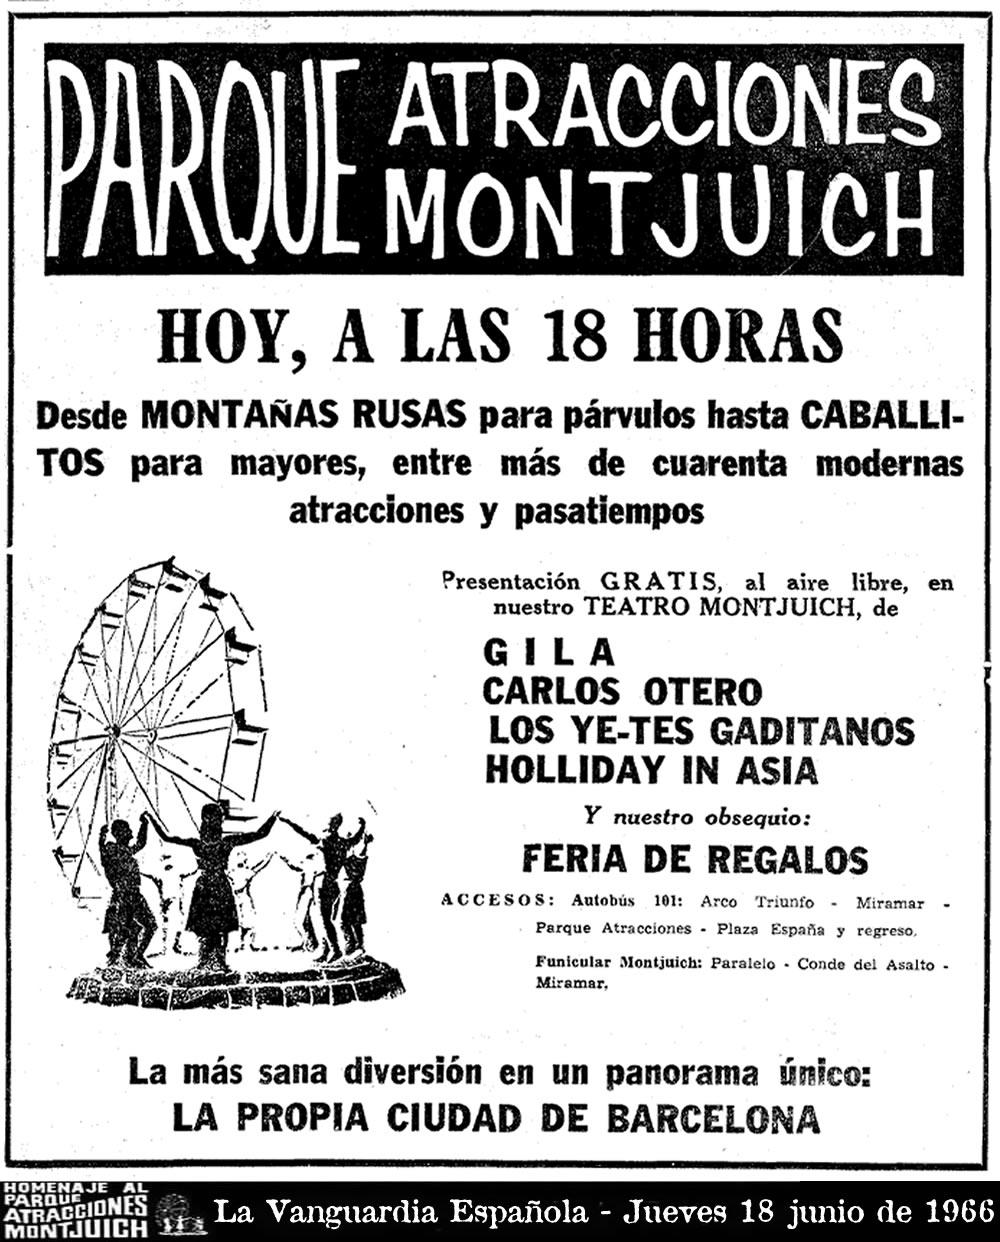 Cartel de La Vanguardia Española - Jueves 18 junio de 1966